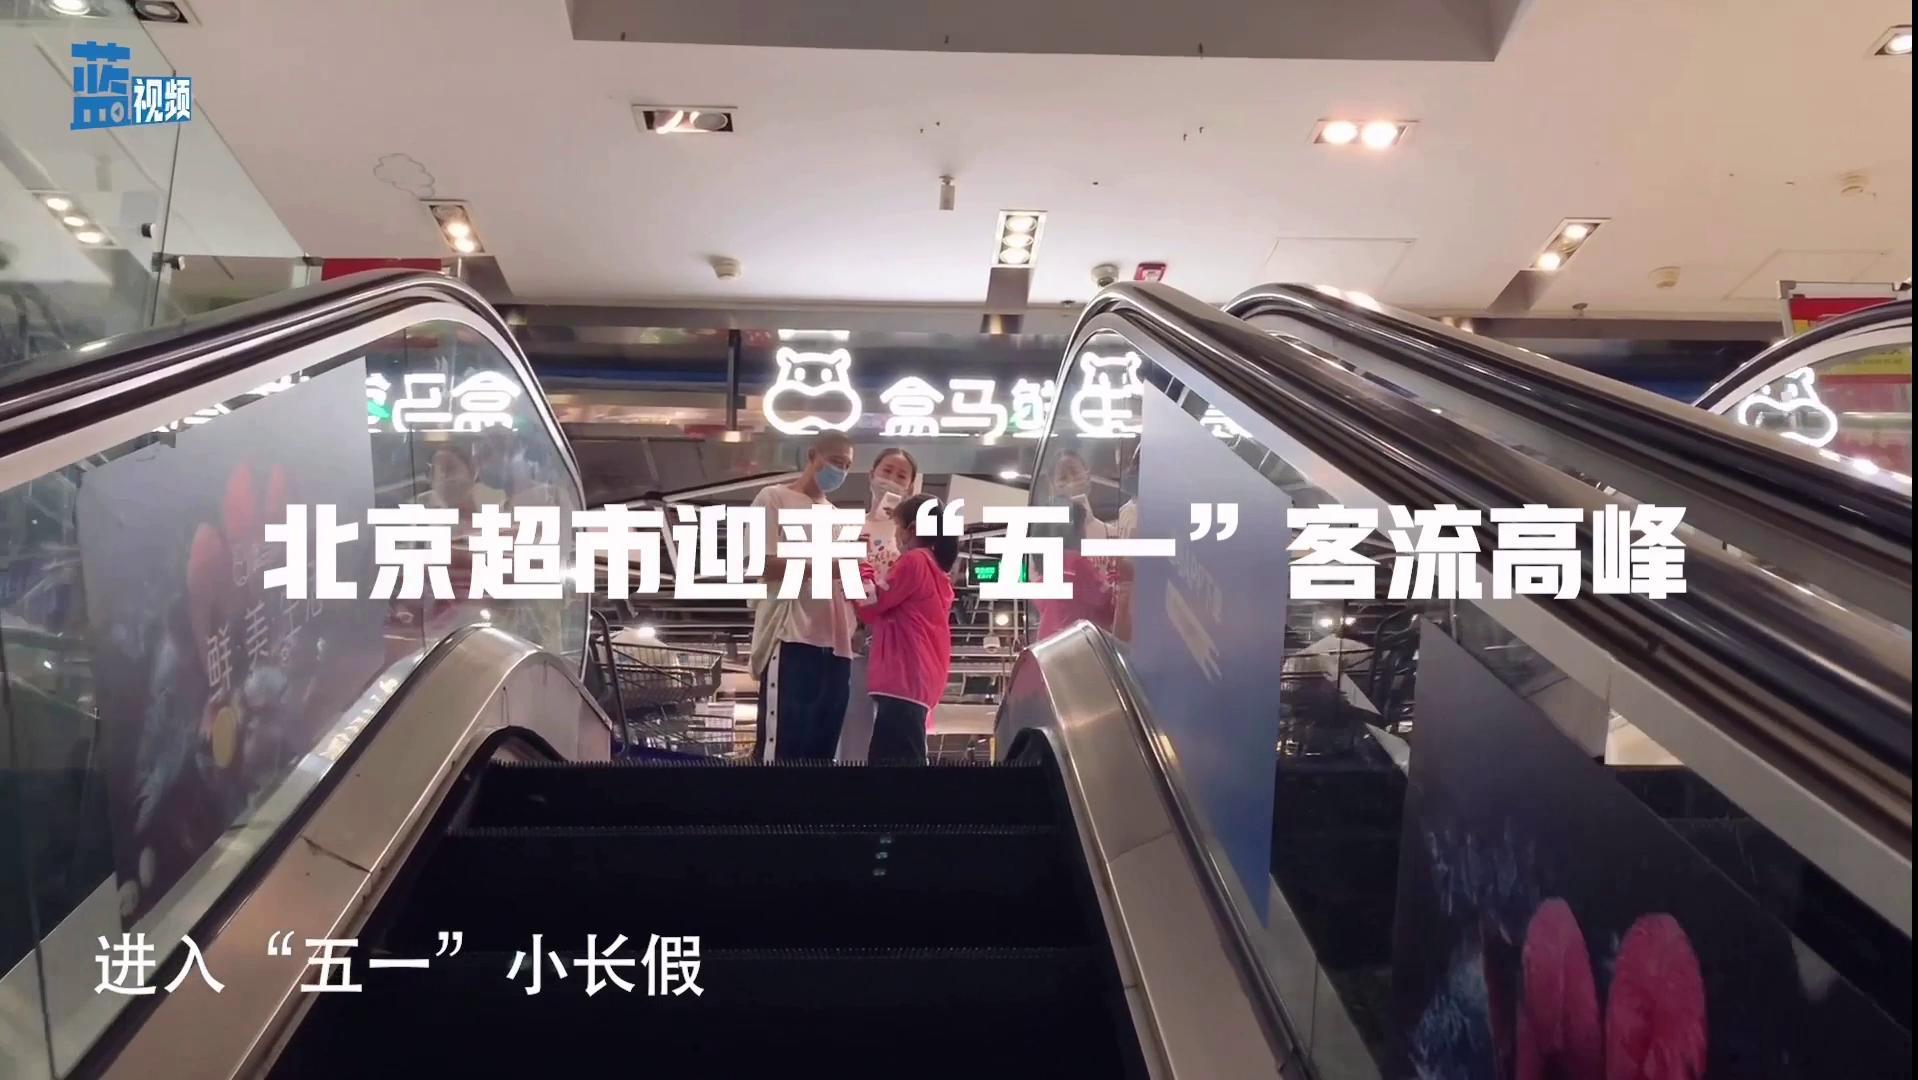 北京商报VLOG之立夏行走|北京五一消费超市篇